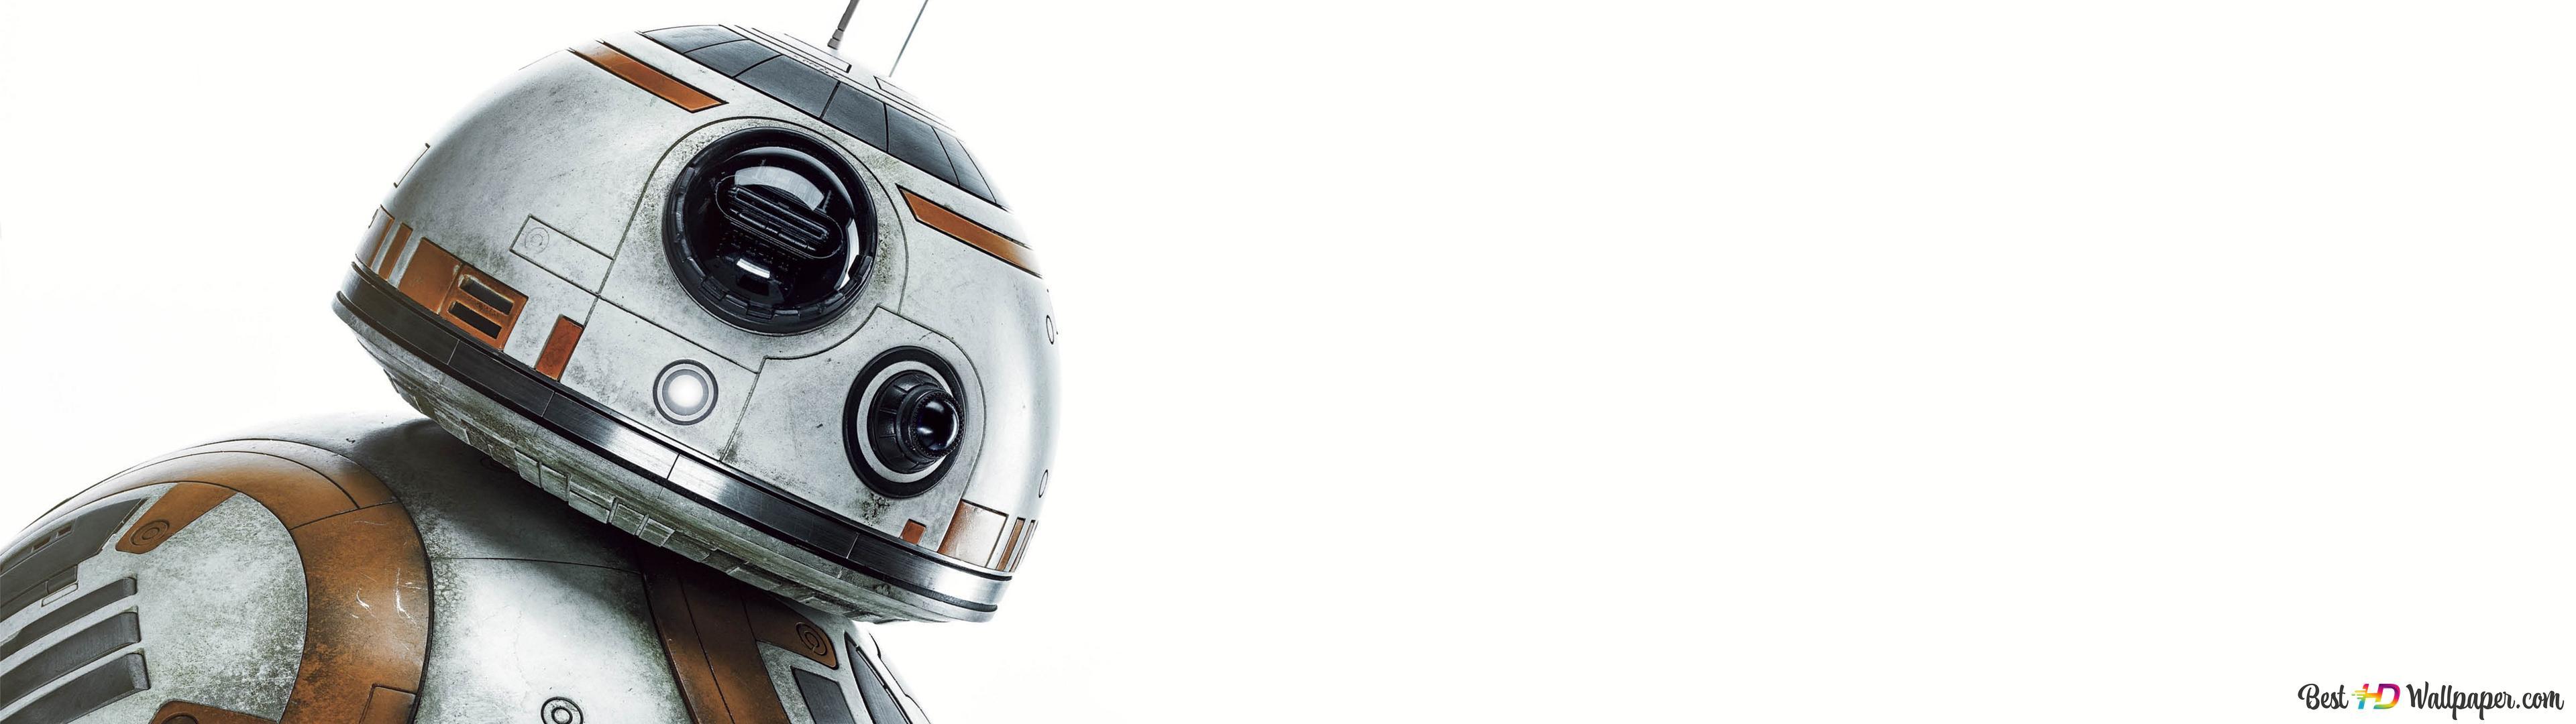 Star wars episode VII- BB-8 HD